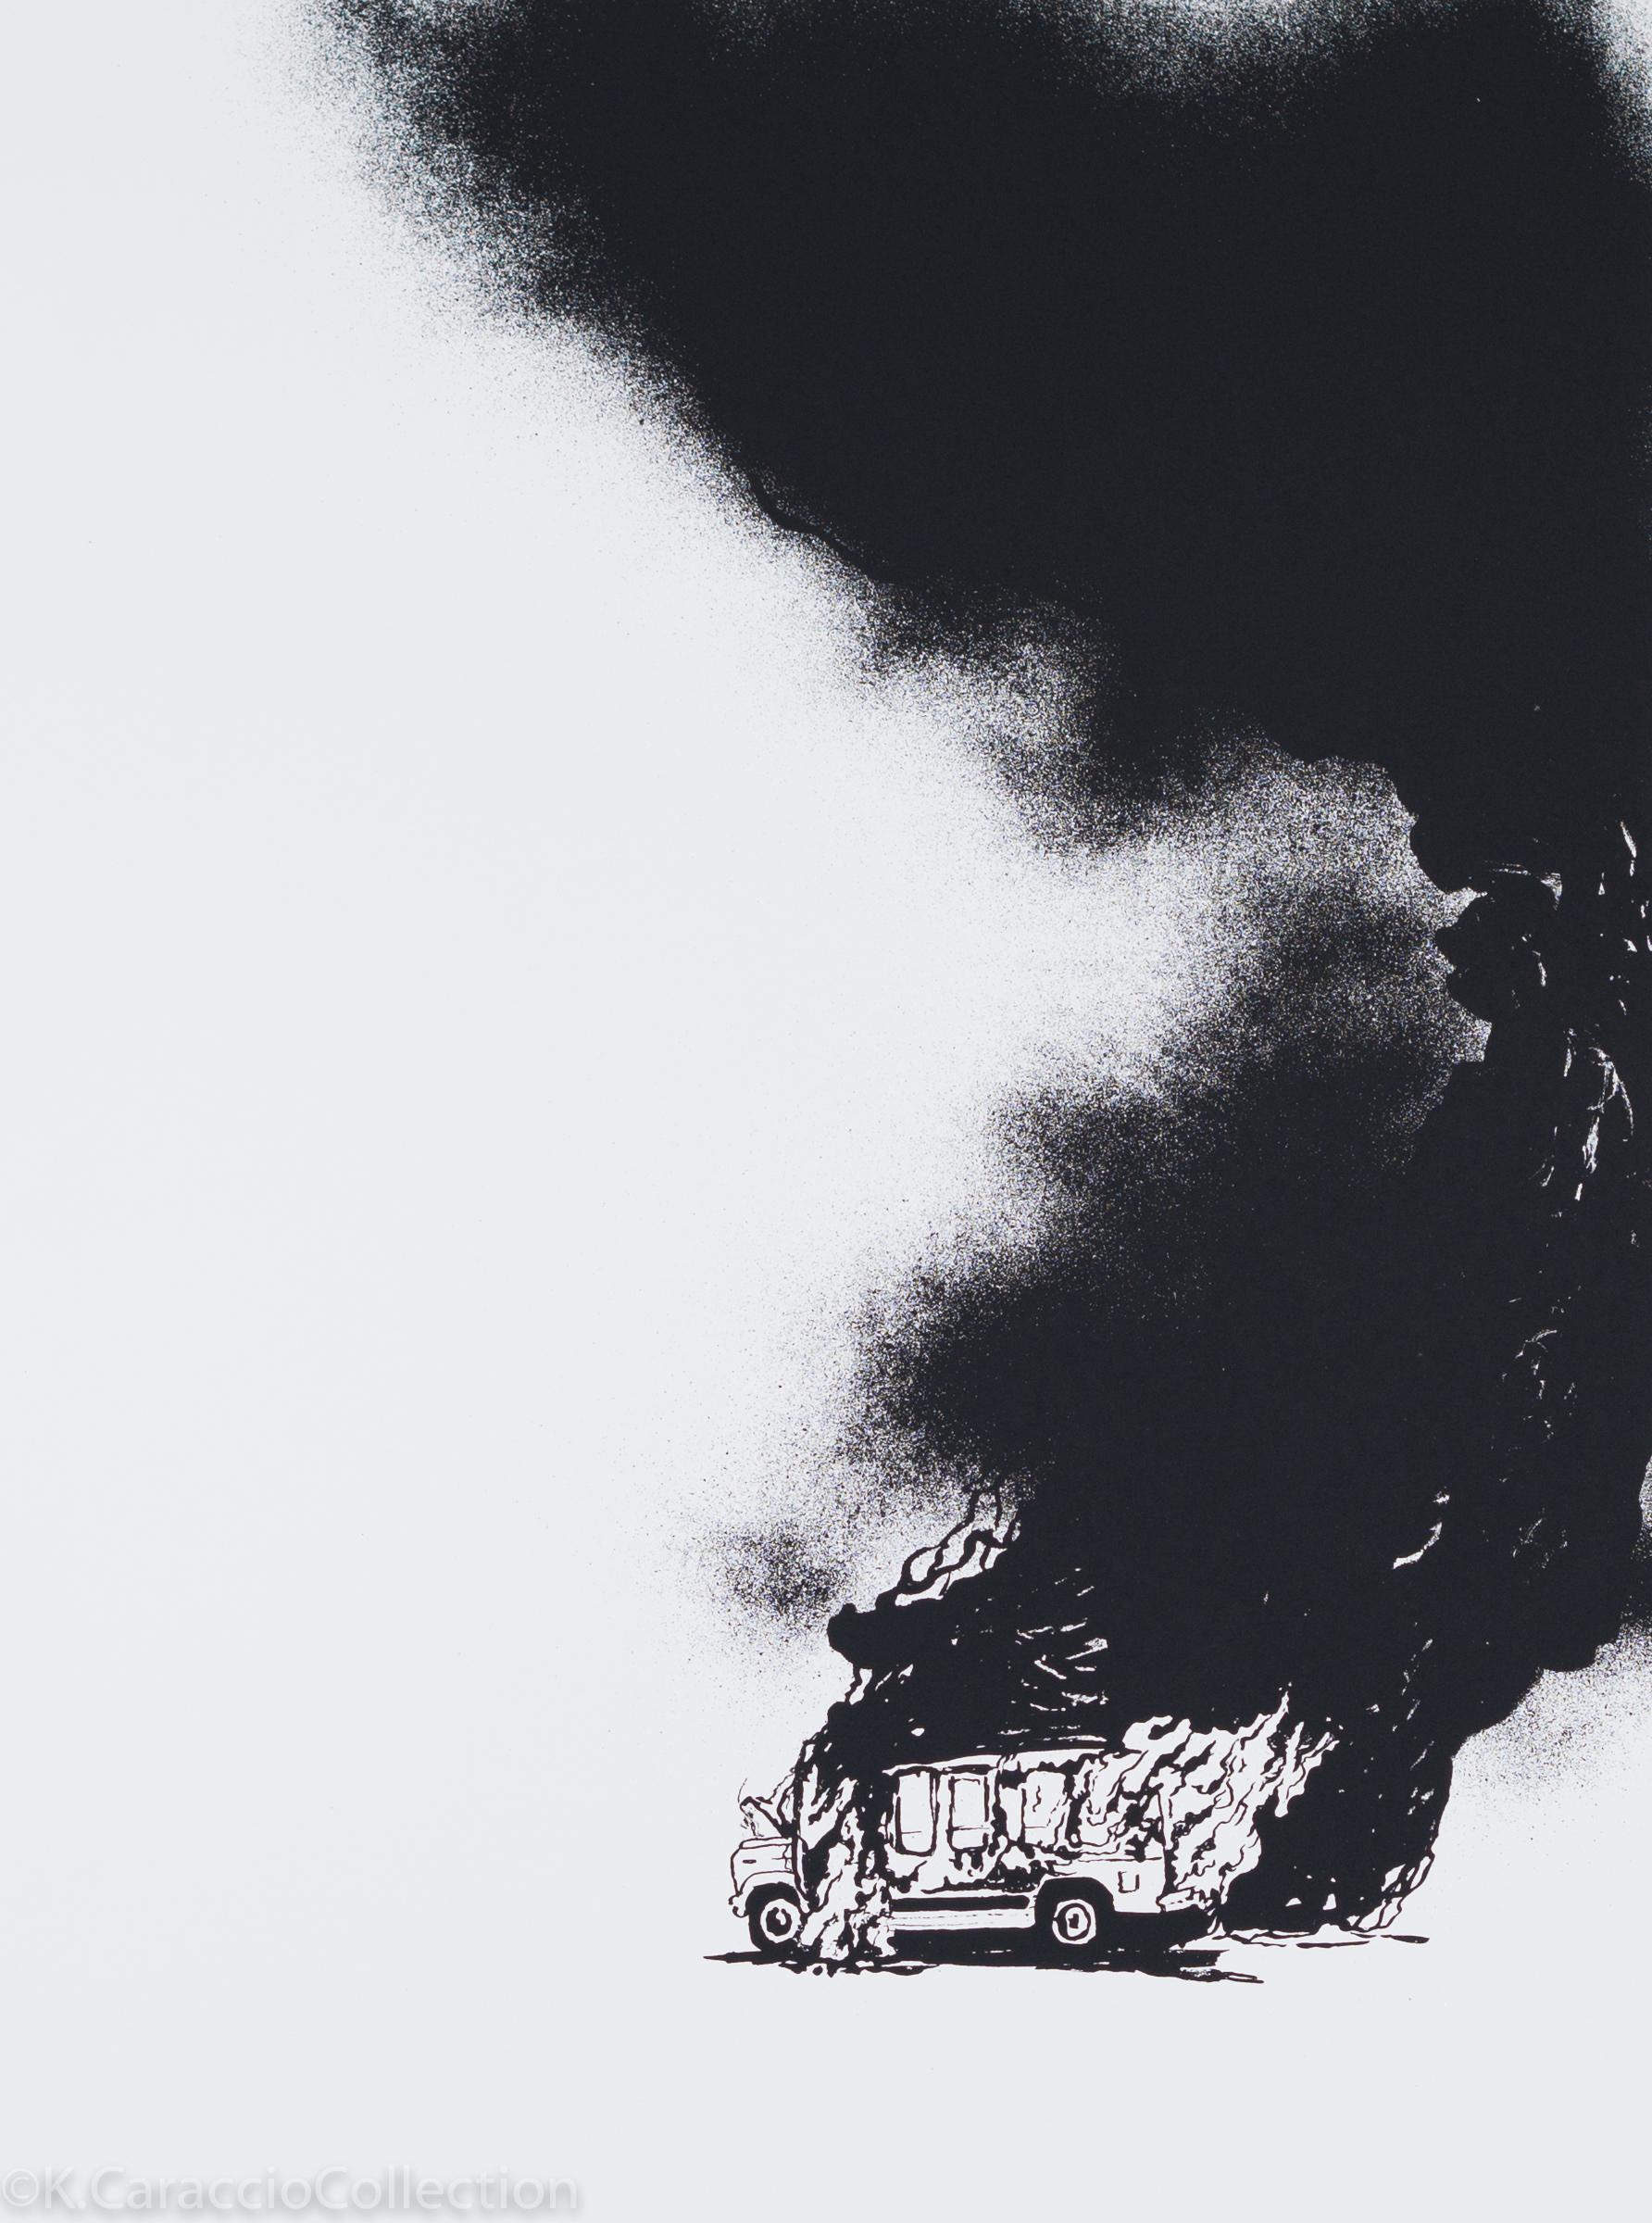 No Title, 2004